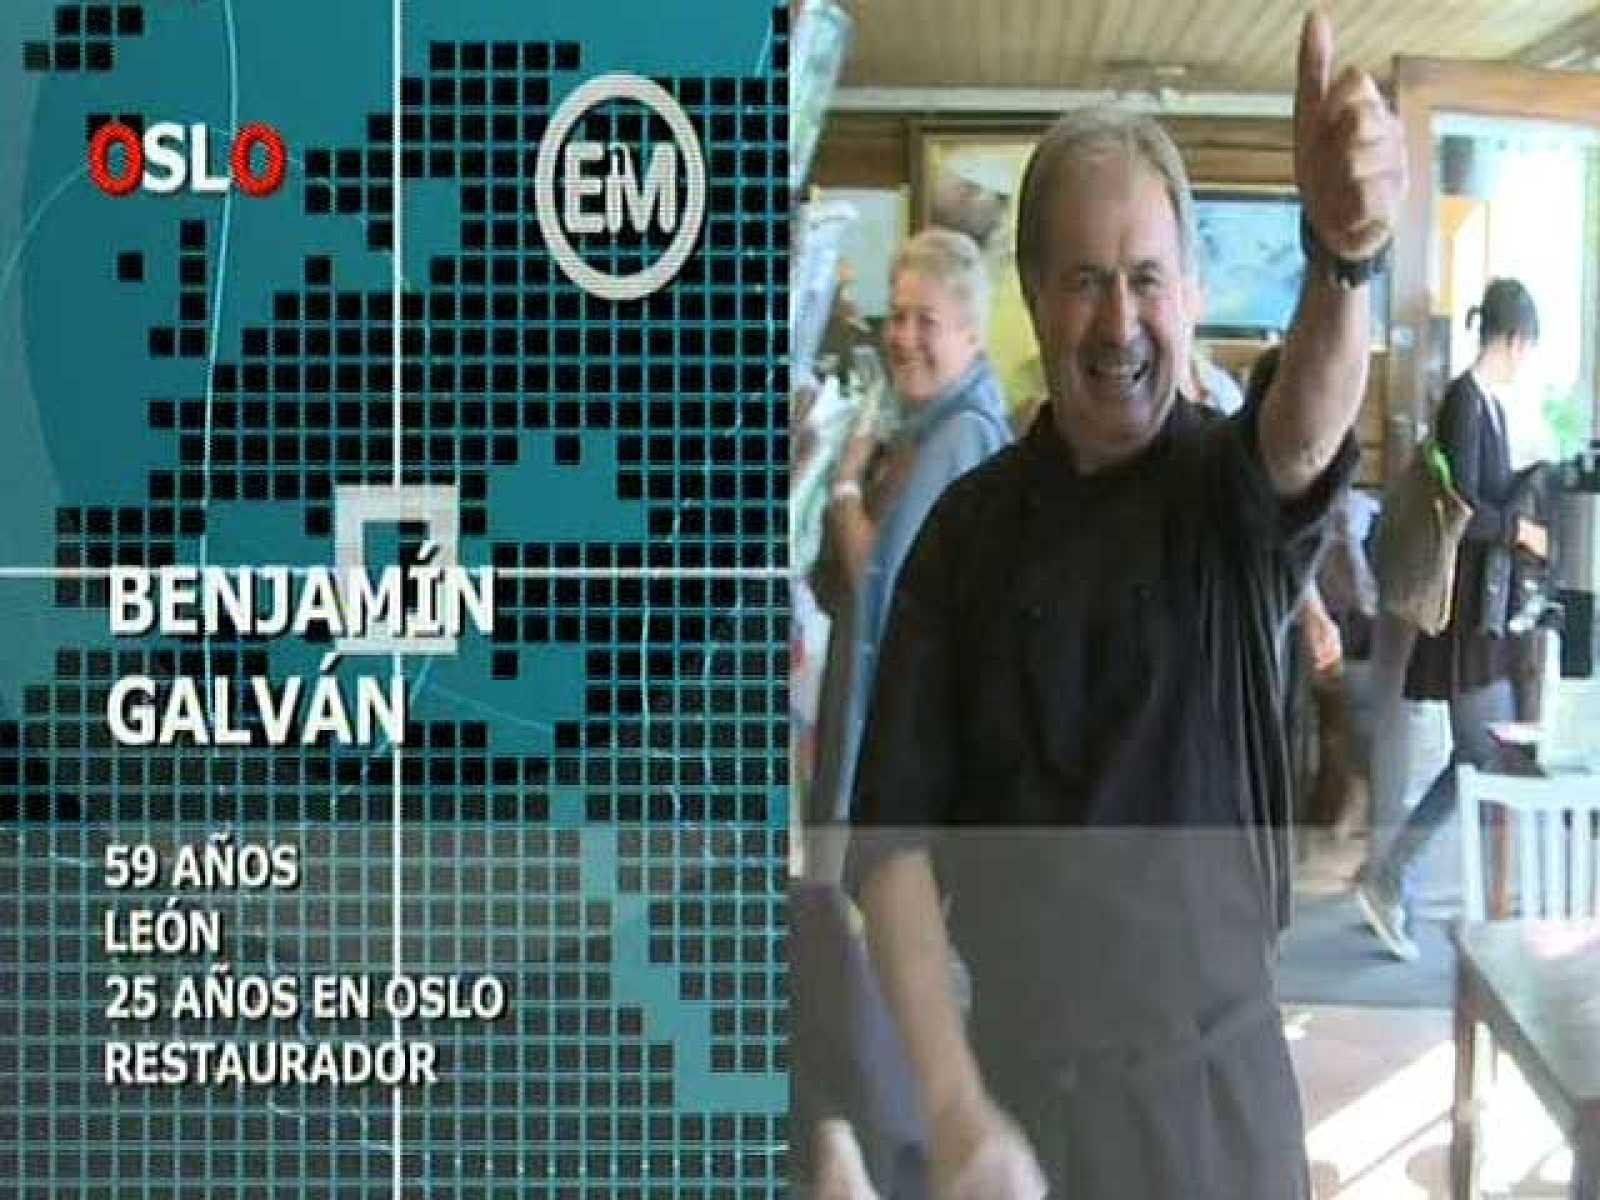 Españoles en el mundo - Oslo - Benjamín